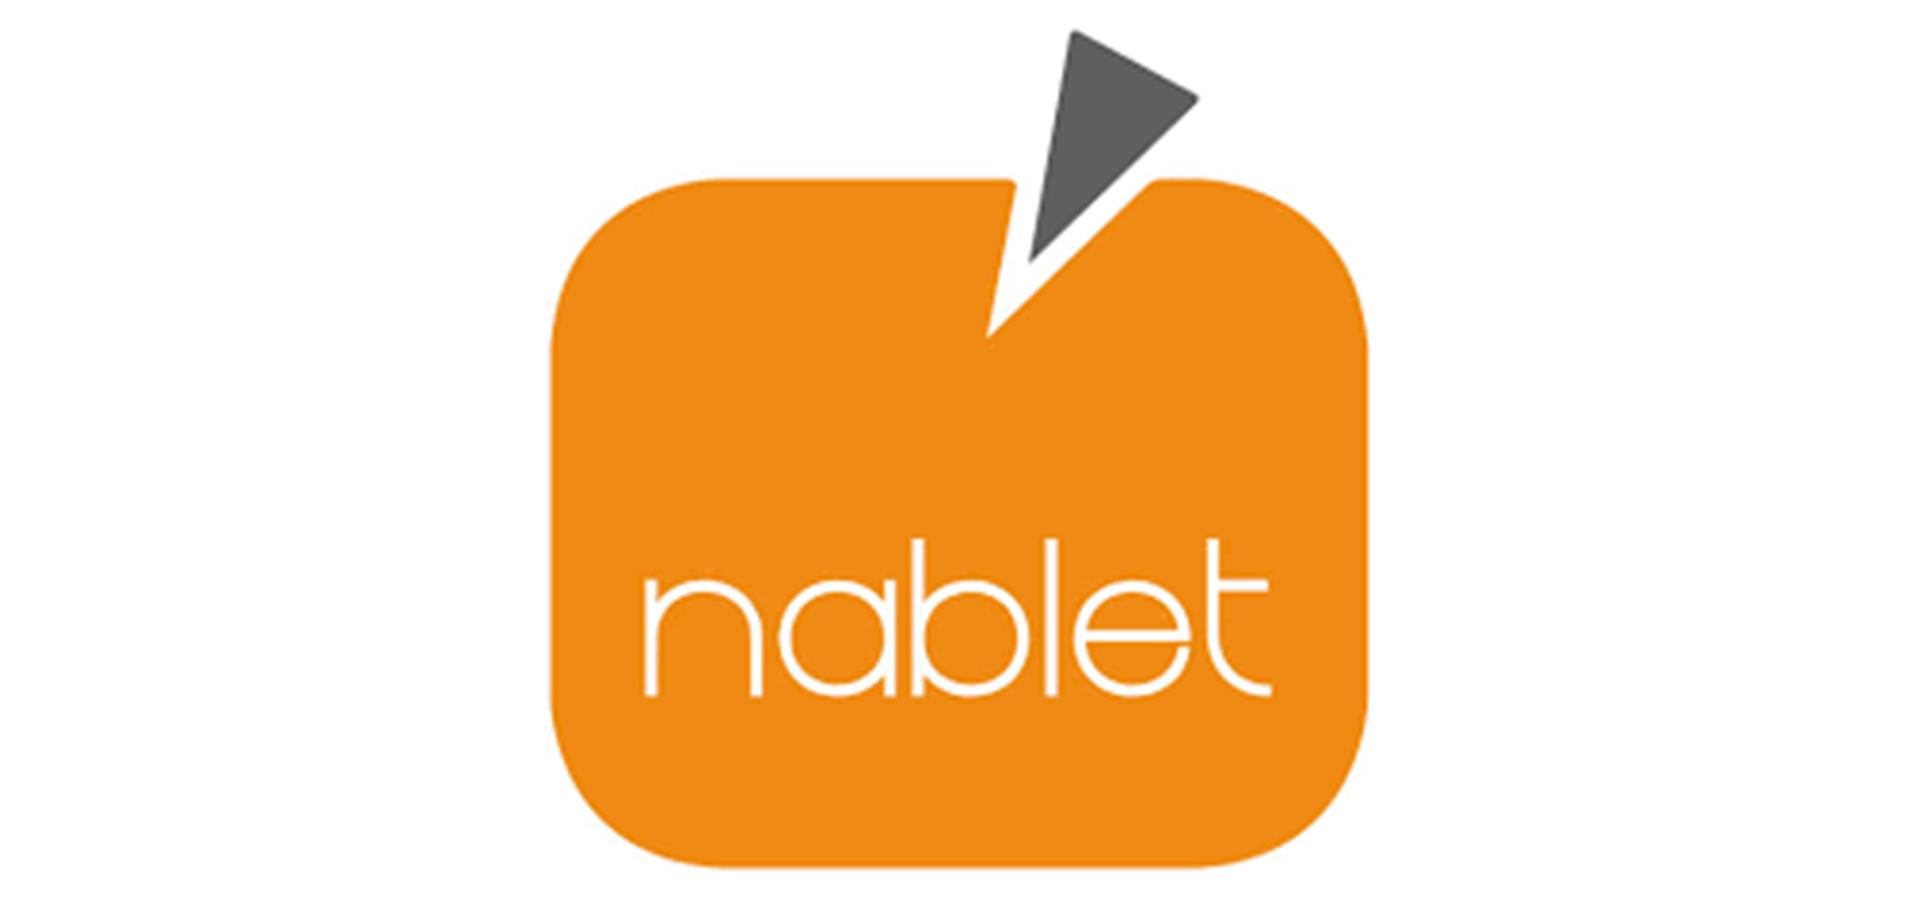 Nablet